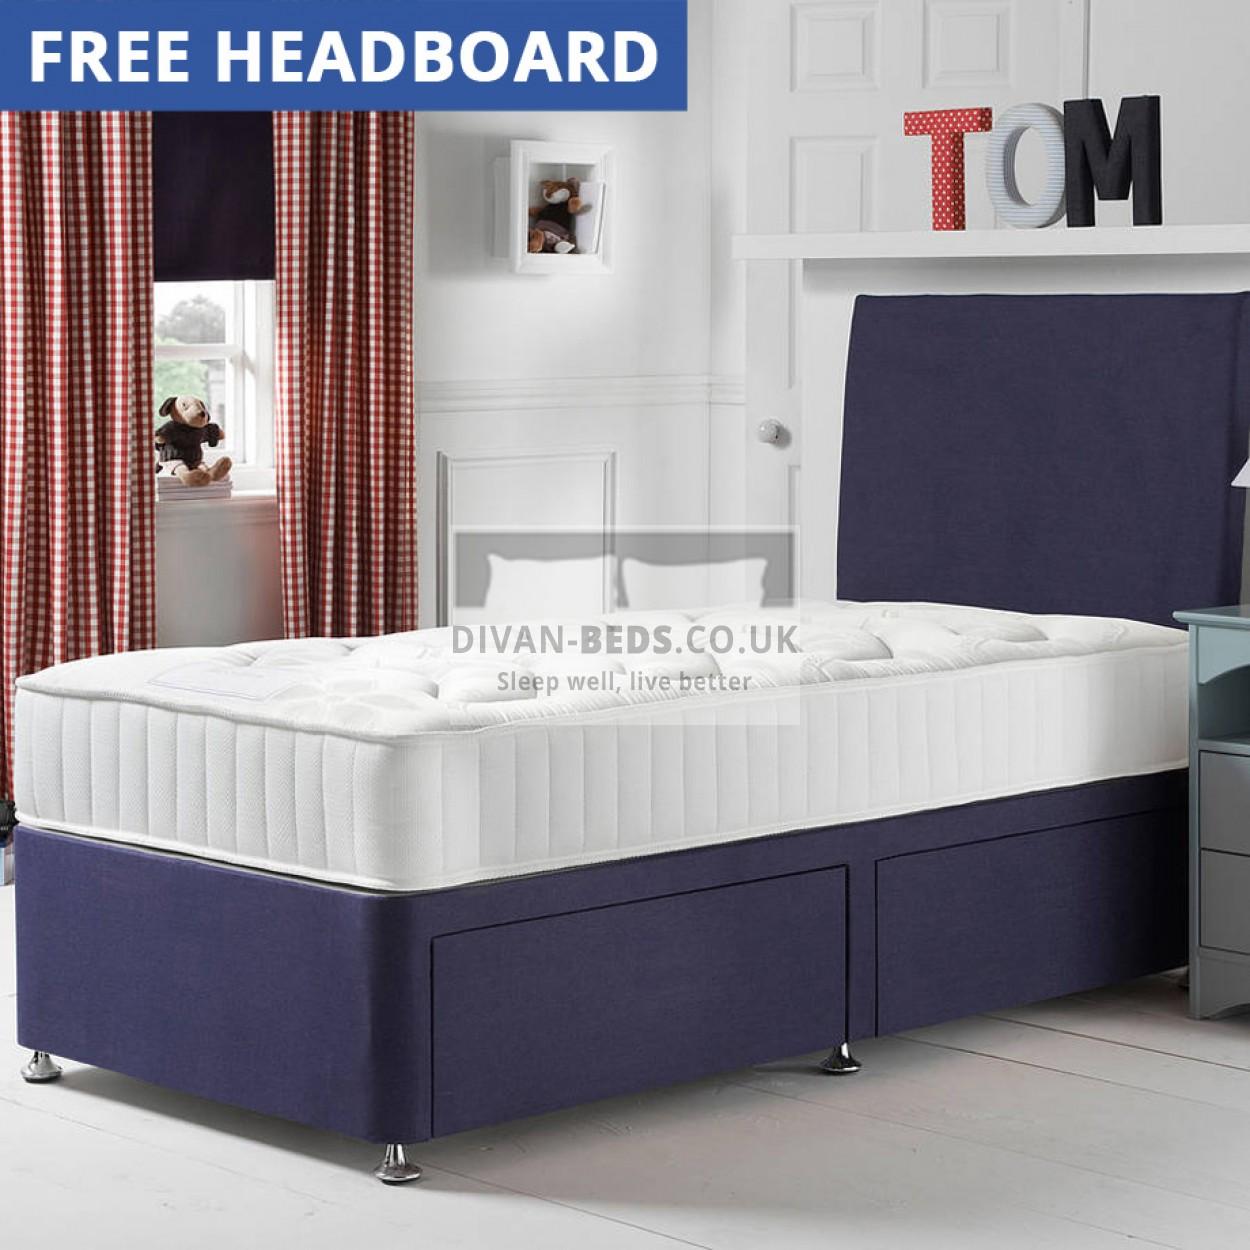 tom divan bed with childs quilted 1000 pocket spring. Black Bedroom Furniture Sets. Home Design Ideas